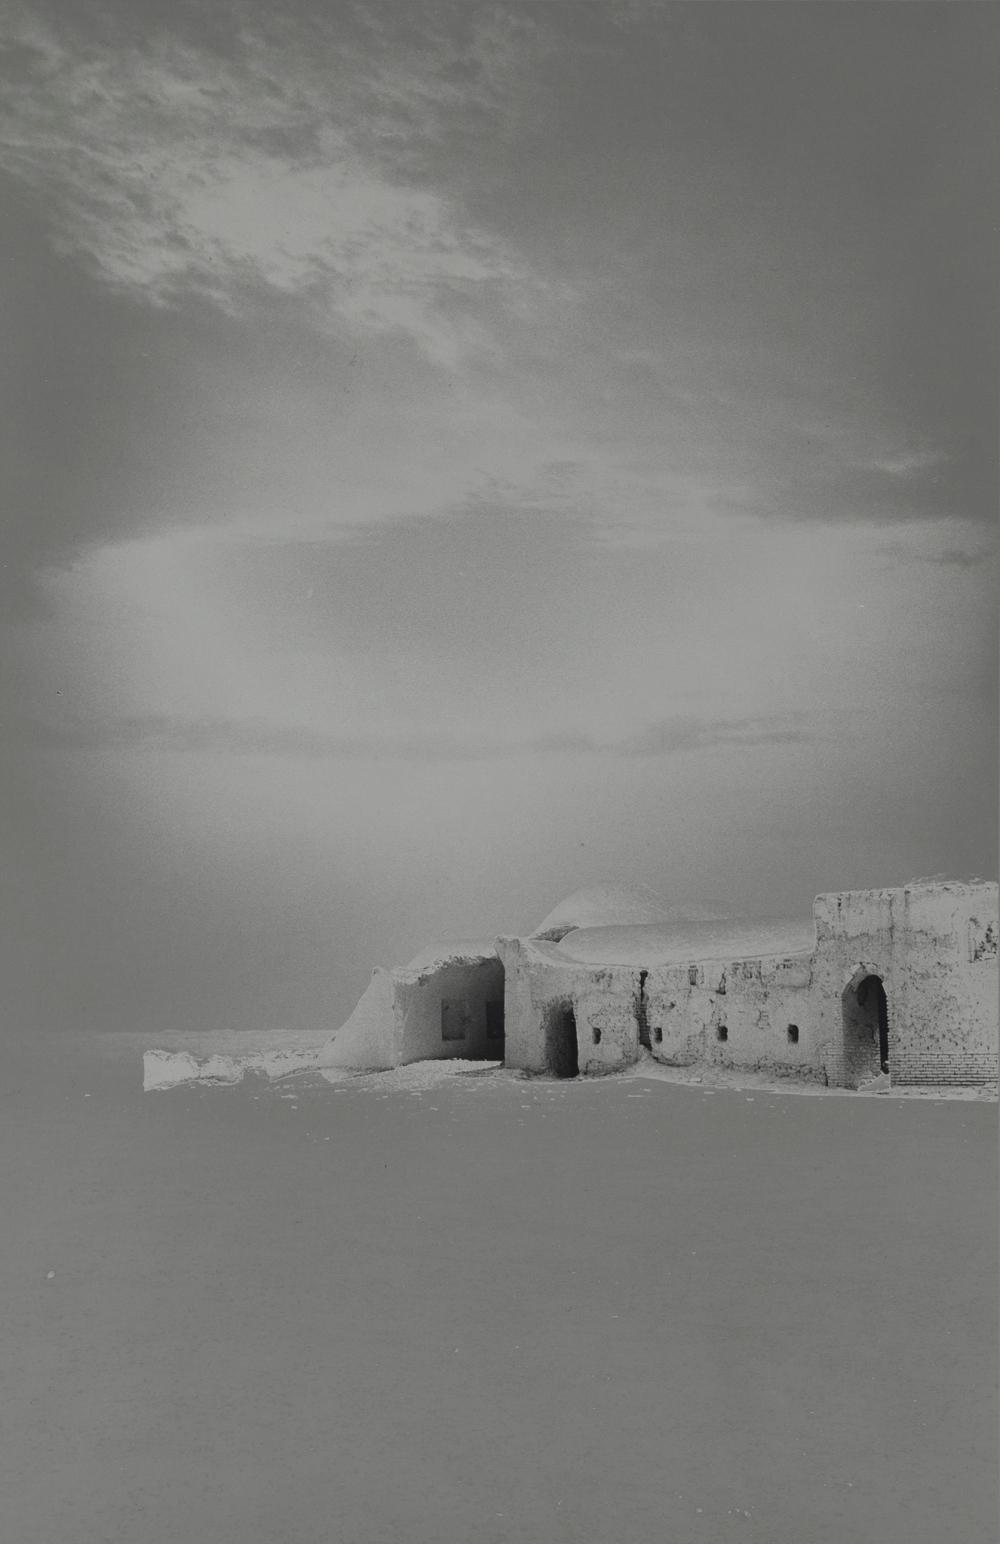 Alexandre Arminjon - derrière les Tours du Silence, Iran, 2017